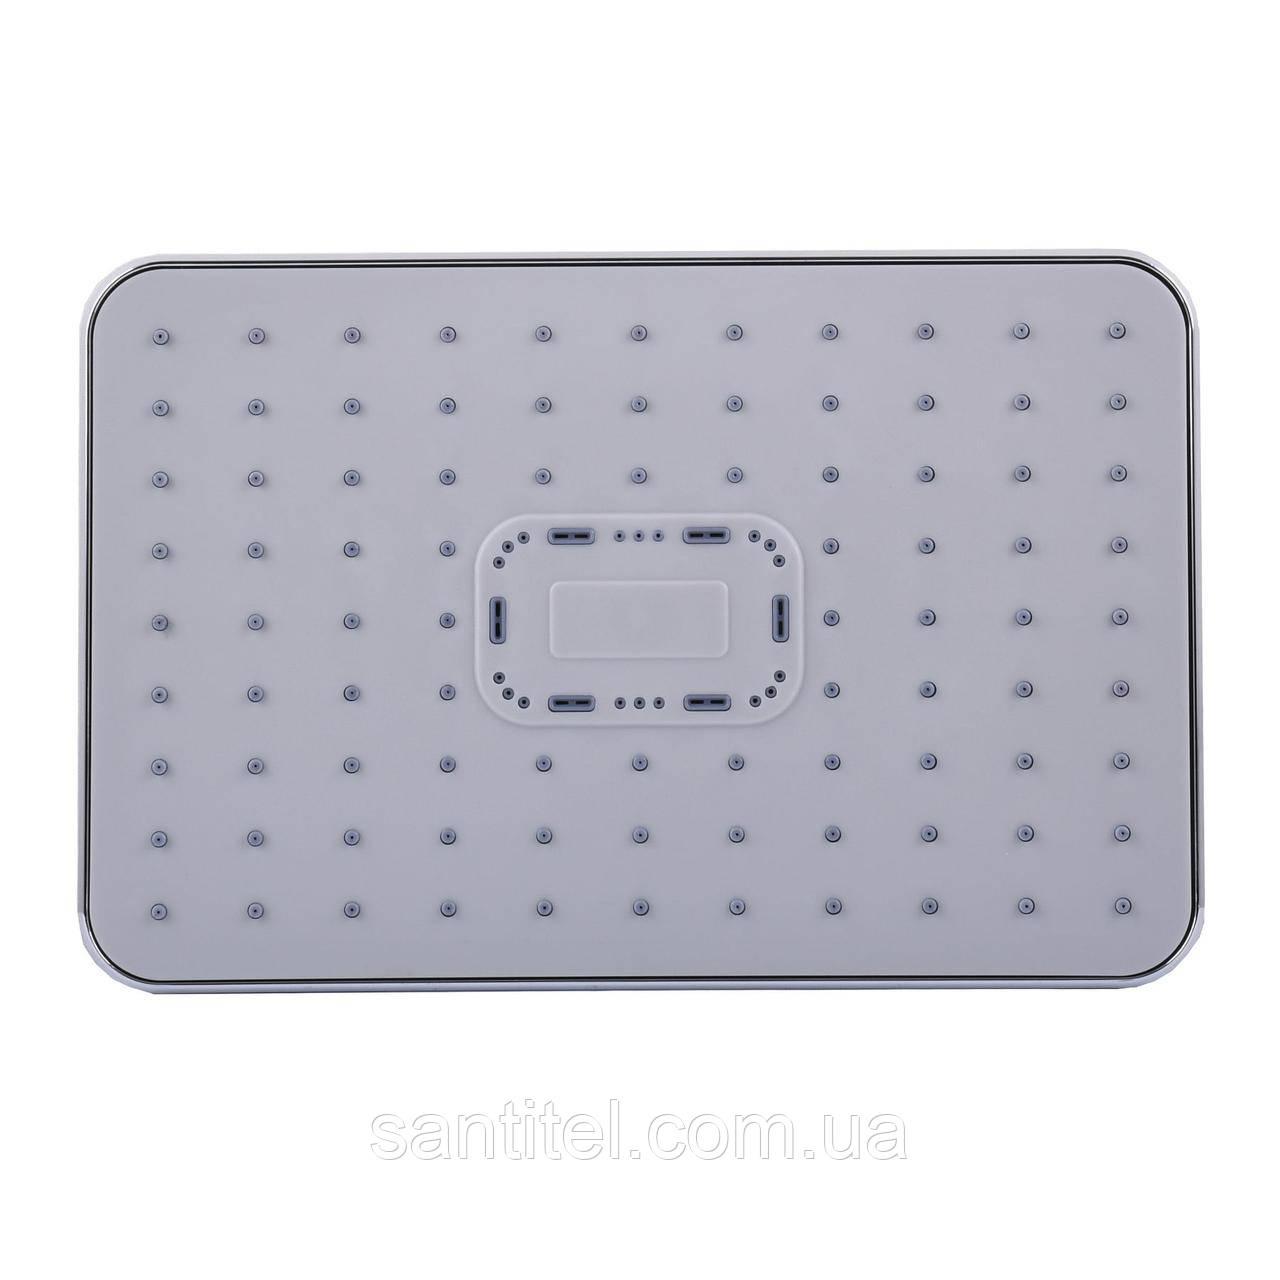 Душова лійка Globus Lux SD-003-30-00 Тропик 300*200мм,Хром, Пласт.,в коробці